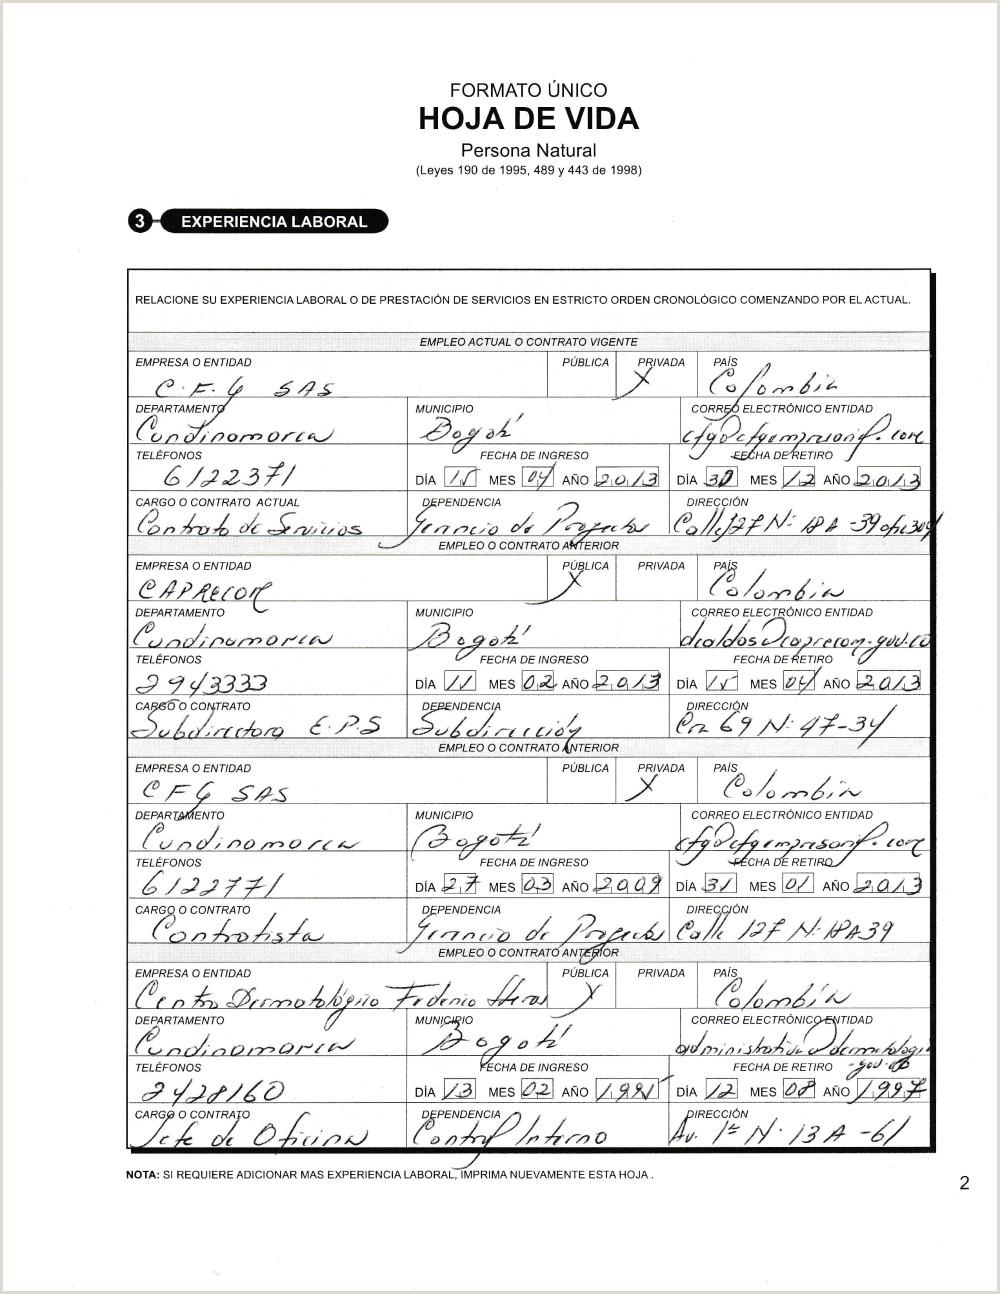 Descargar Hoja De Vida formato Unico Documentos Funci³n Pºblica